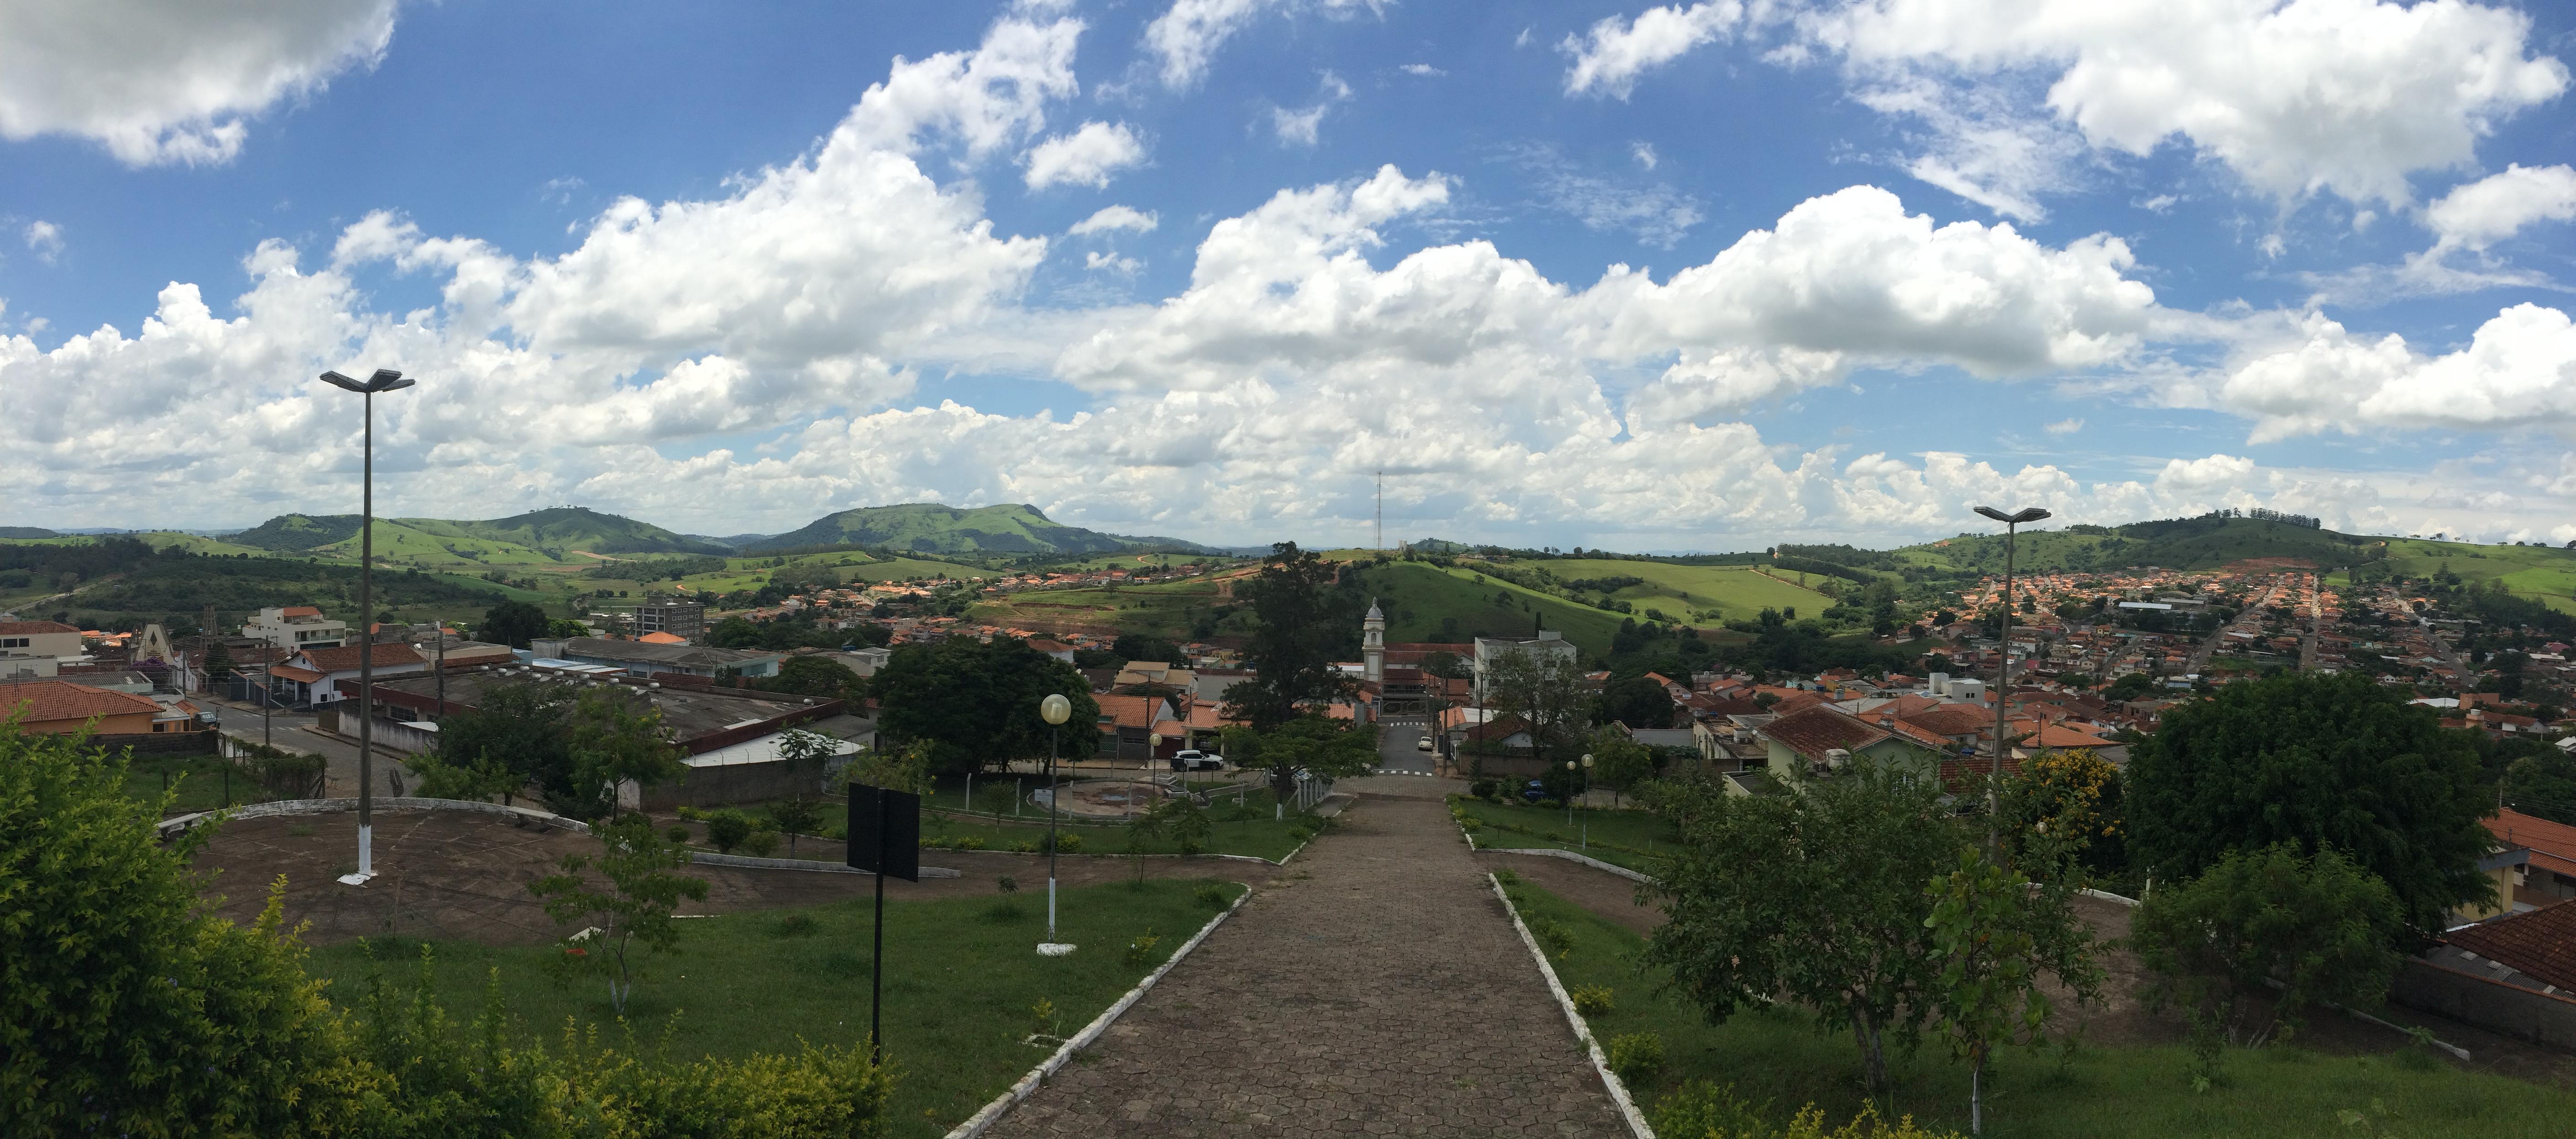 Areado Minas Gerais fonte: upload.wikimedia.org